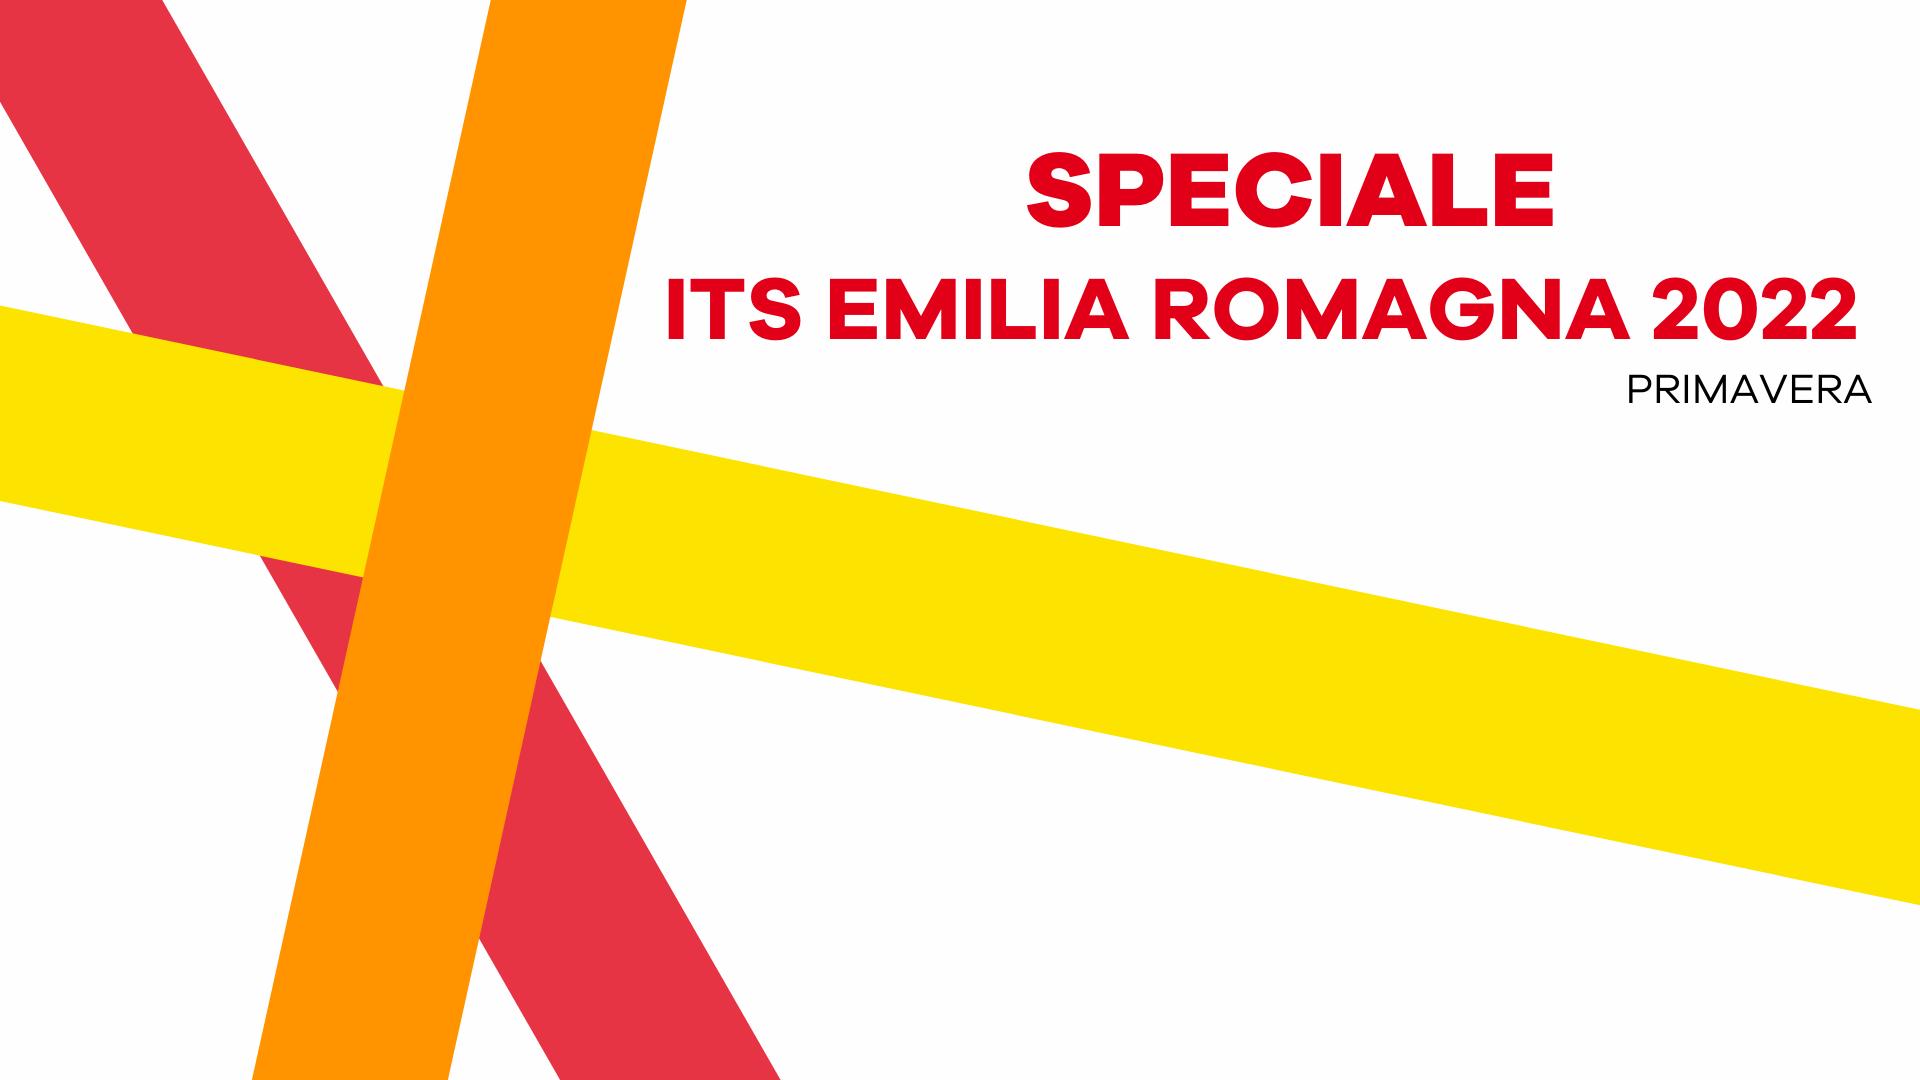 Speciale ITS Emilia Romagna 2022 Online